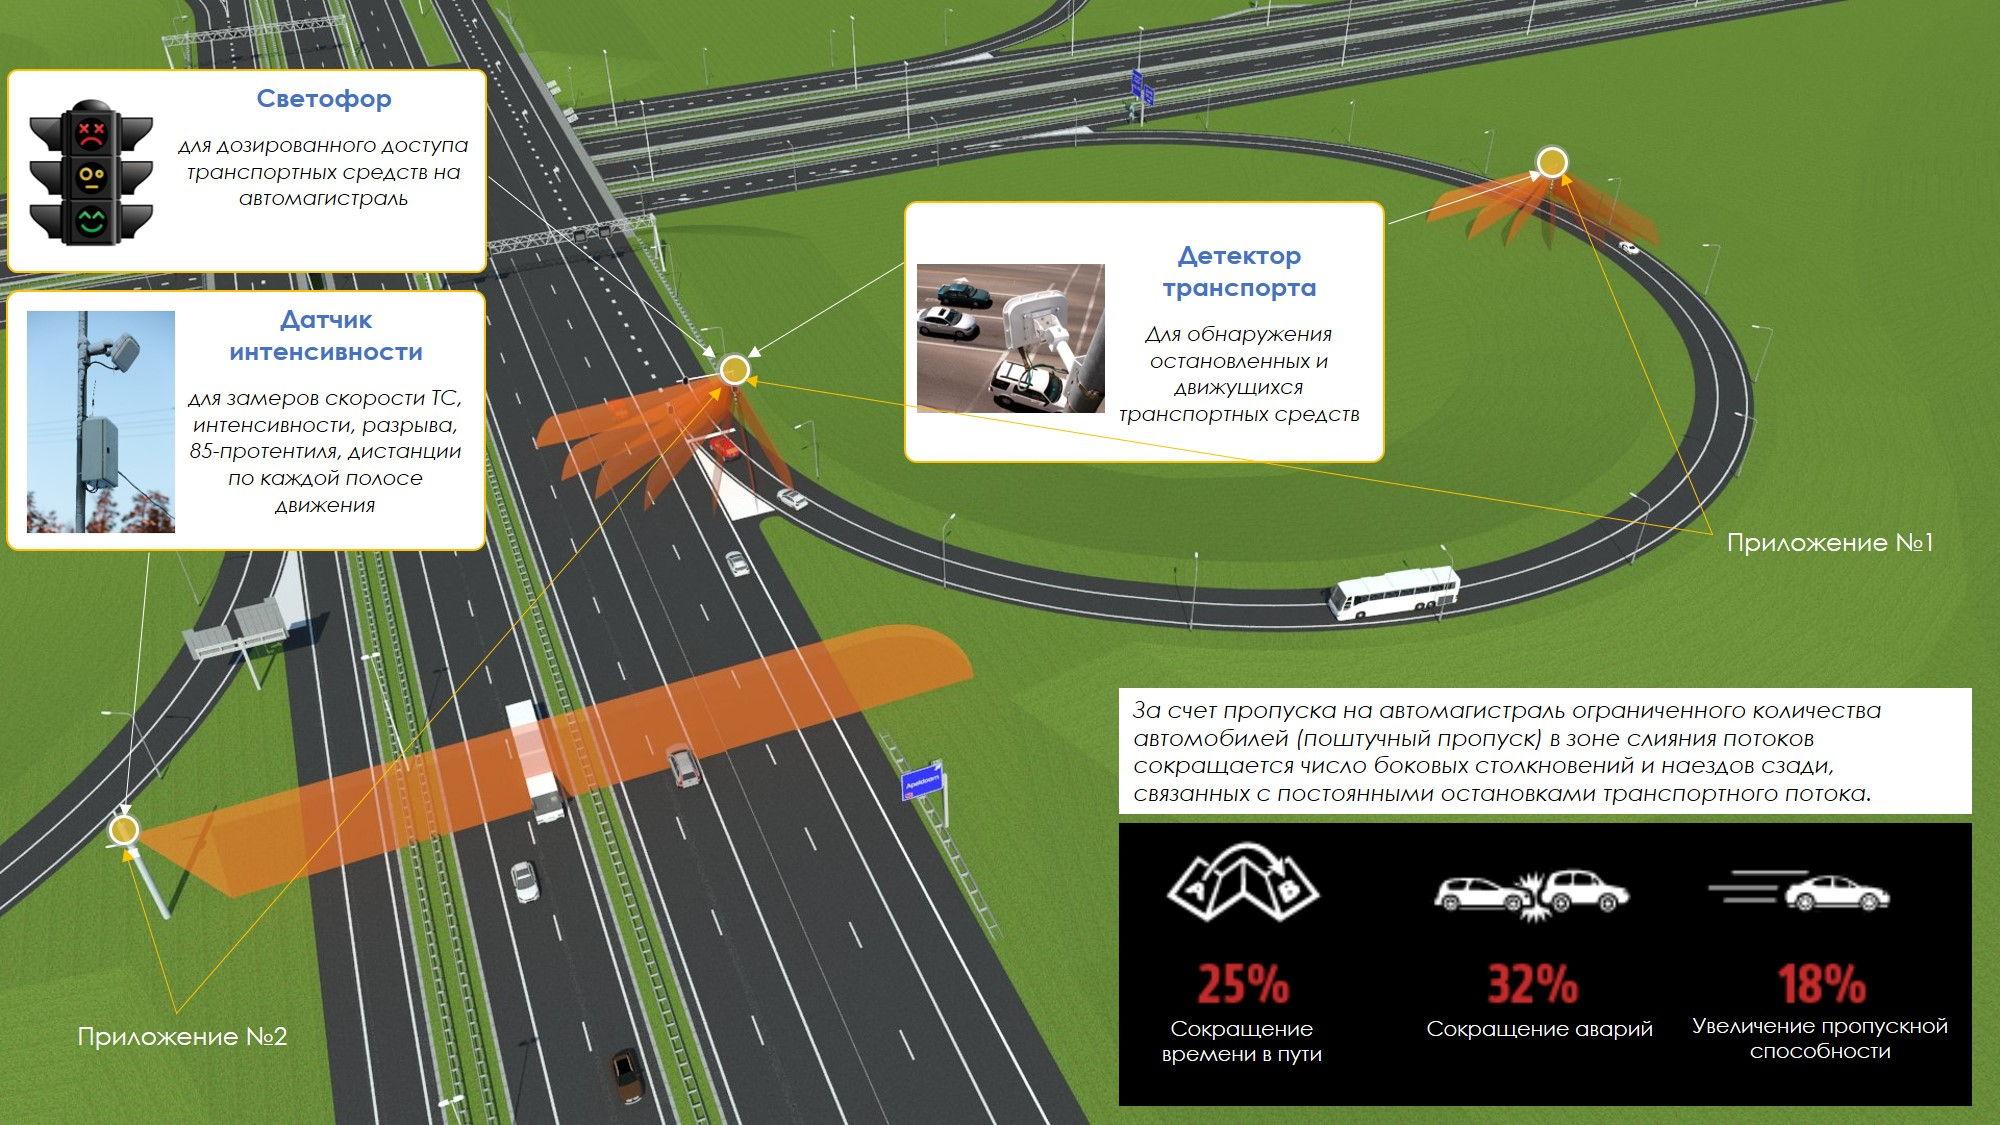 Дозированный доступ на автомагистраль